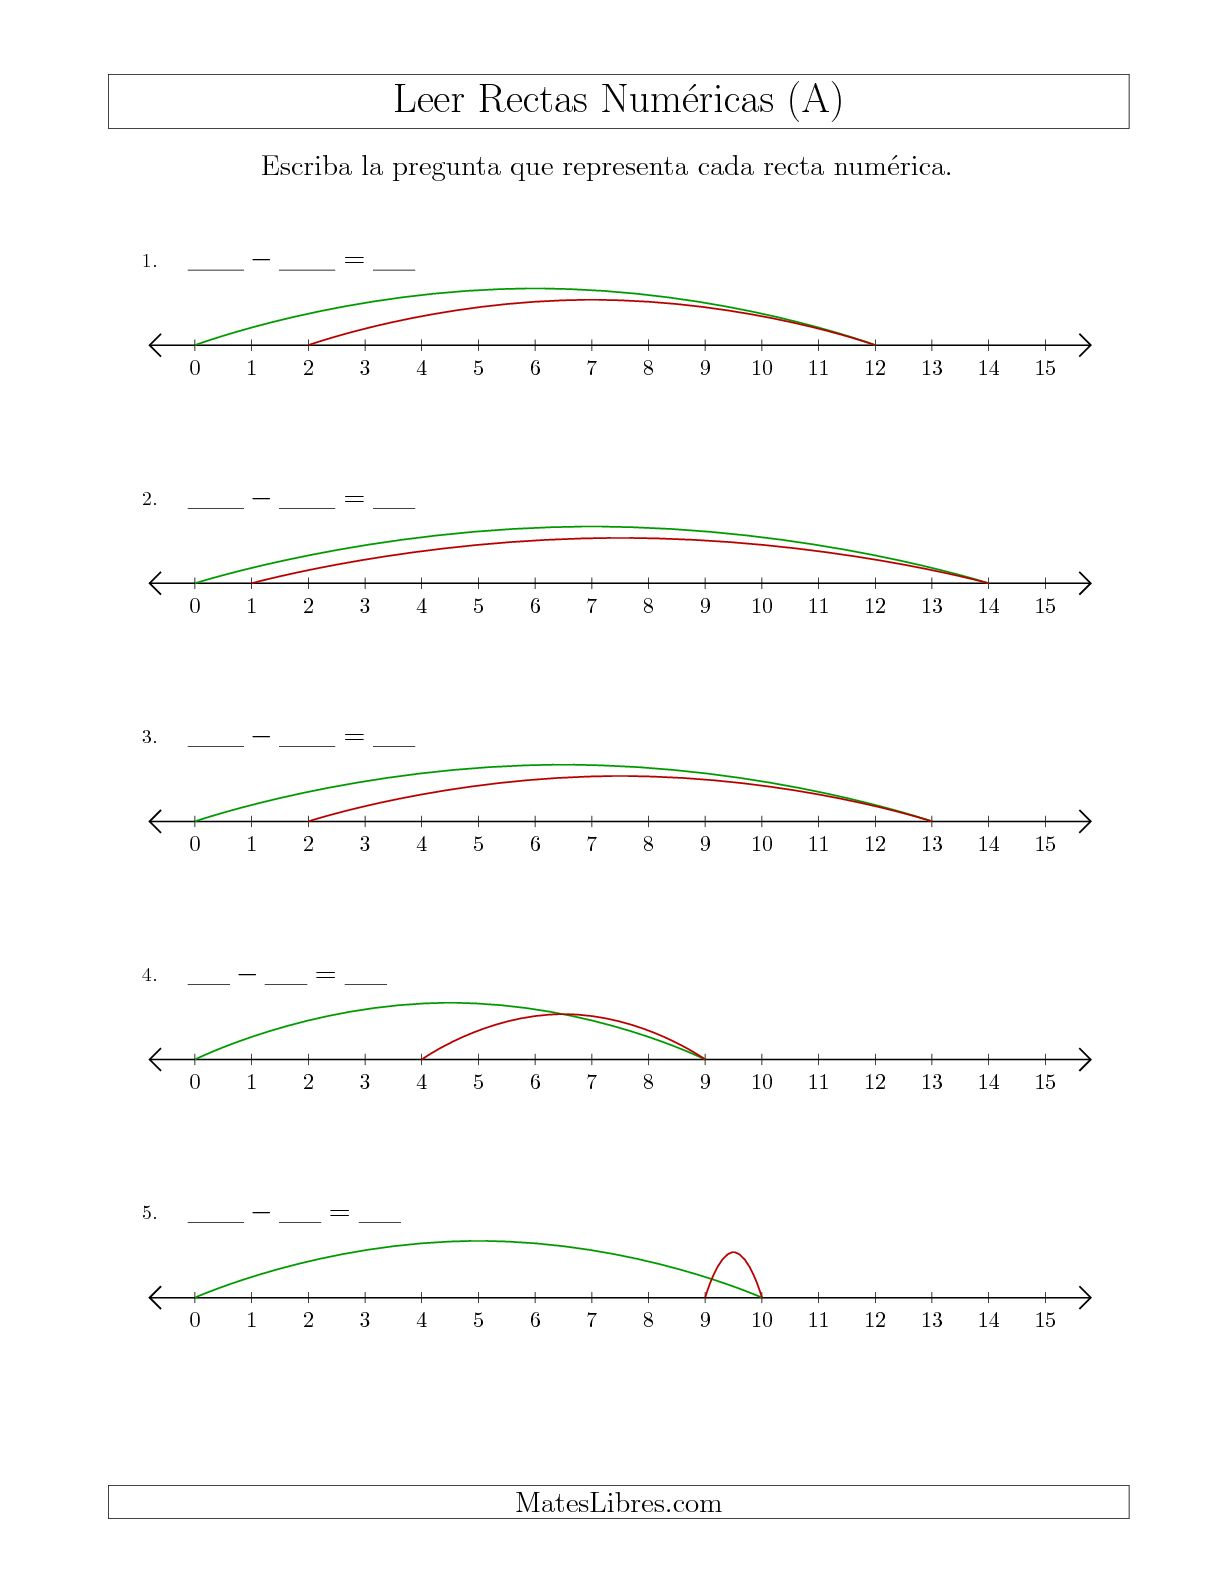 La Determinar Ejercicios de Resta a Partir de Rectas Numéricas Hasta 15 (A) Hoja de Ejercicio de Rectas Numéricas